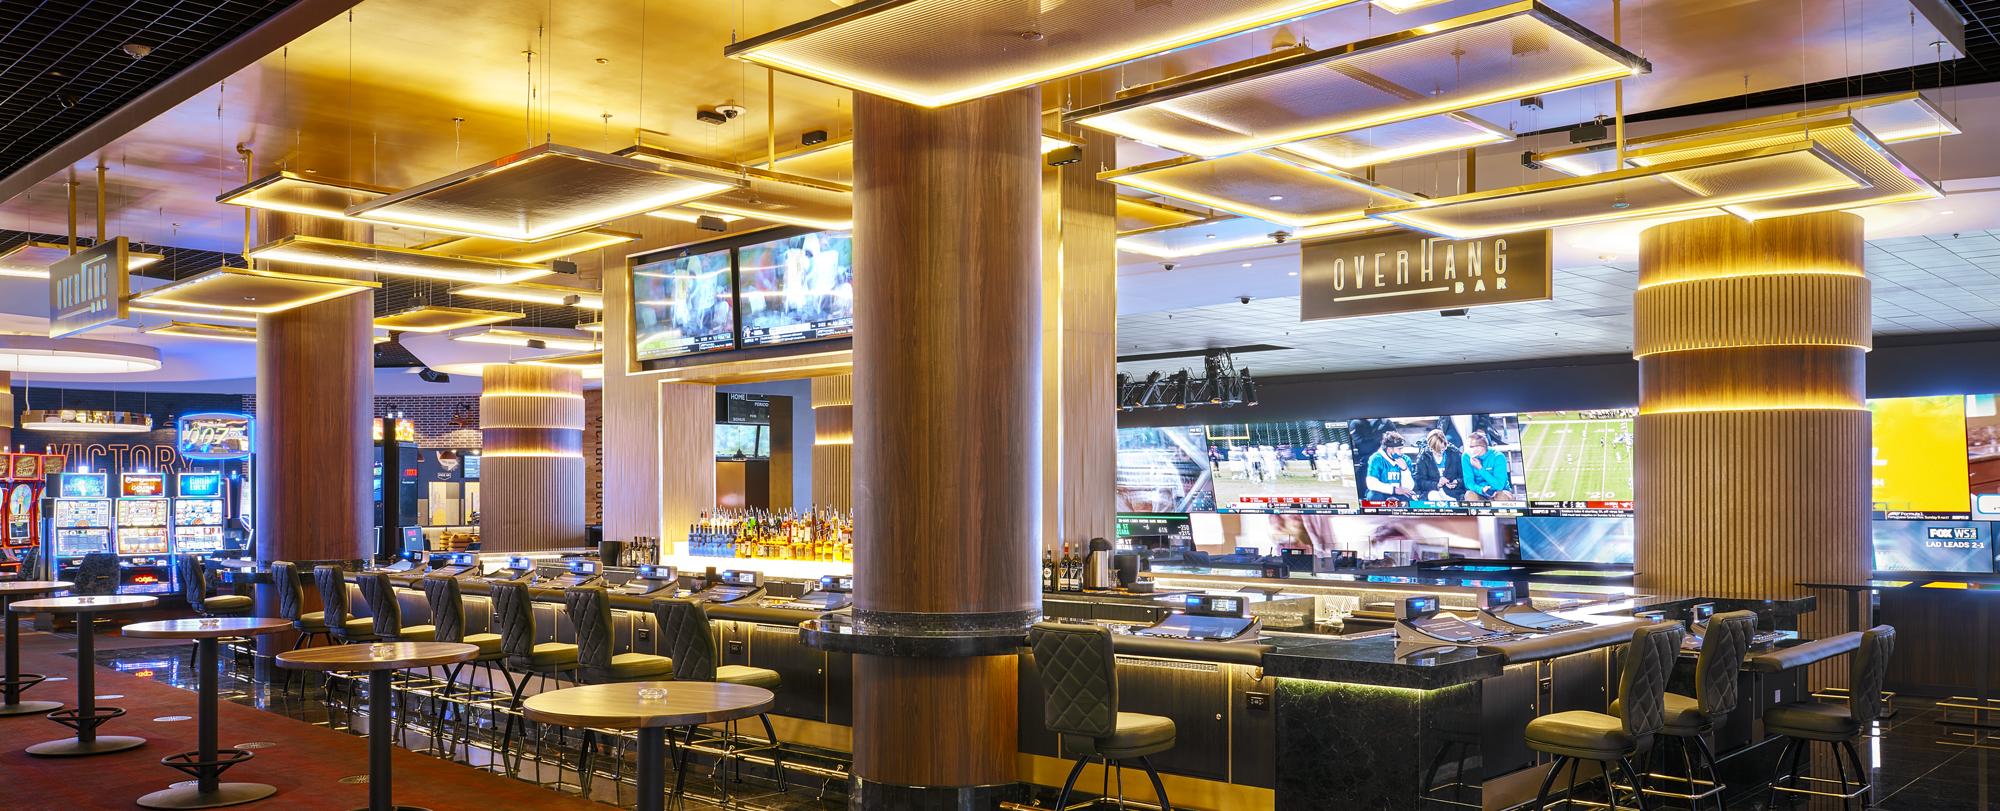 OverHang Bar